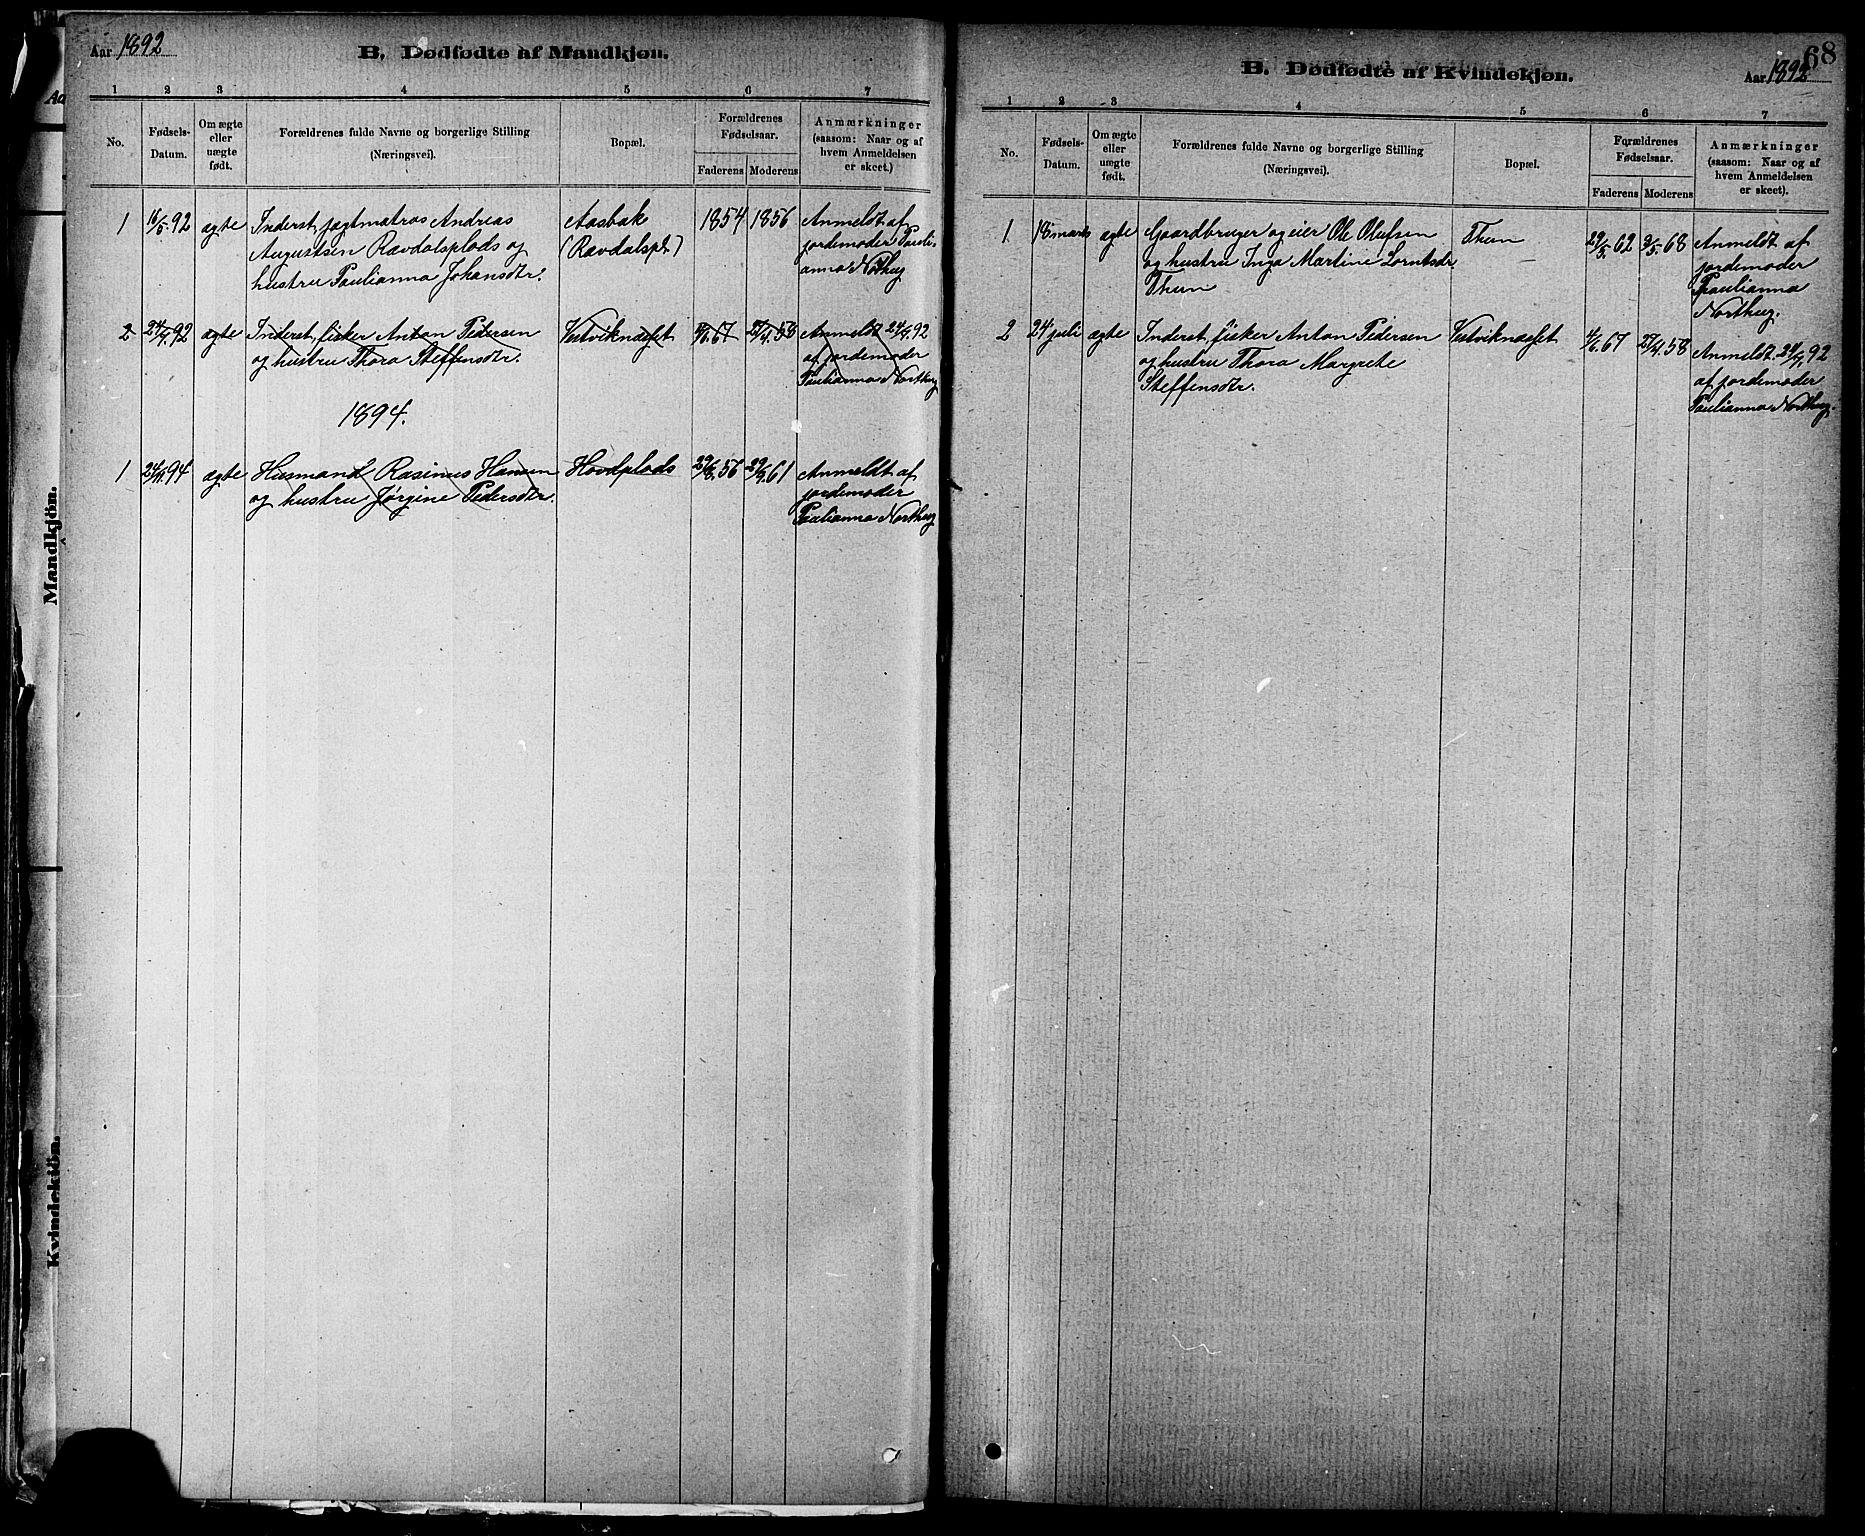 SAT, Ministerialprotokoller, klokkerbøker og fødselsregistre - Nord-Trøndelag, 744/L0423: Klokkerbok nr. 744C02, 1886-1905, s. 68